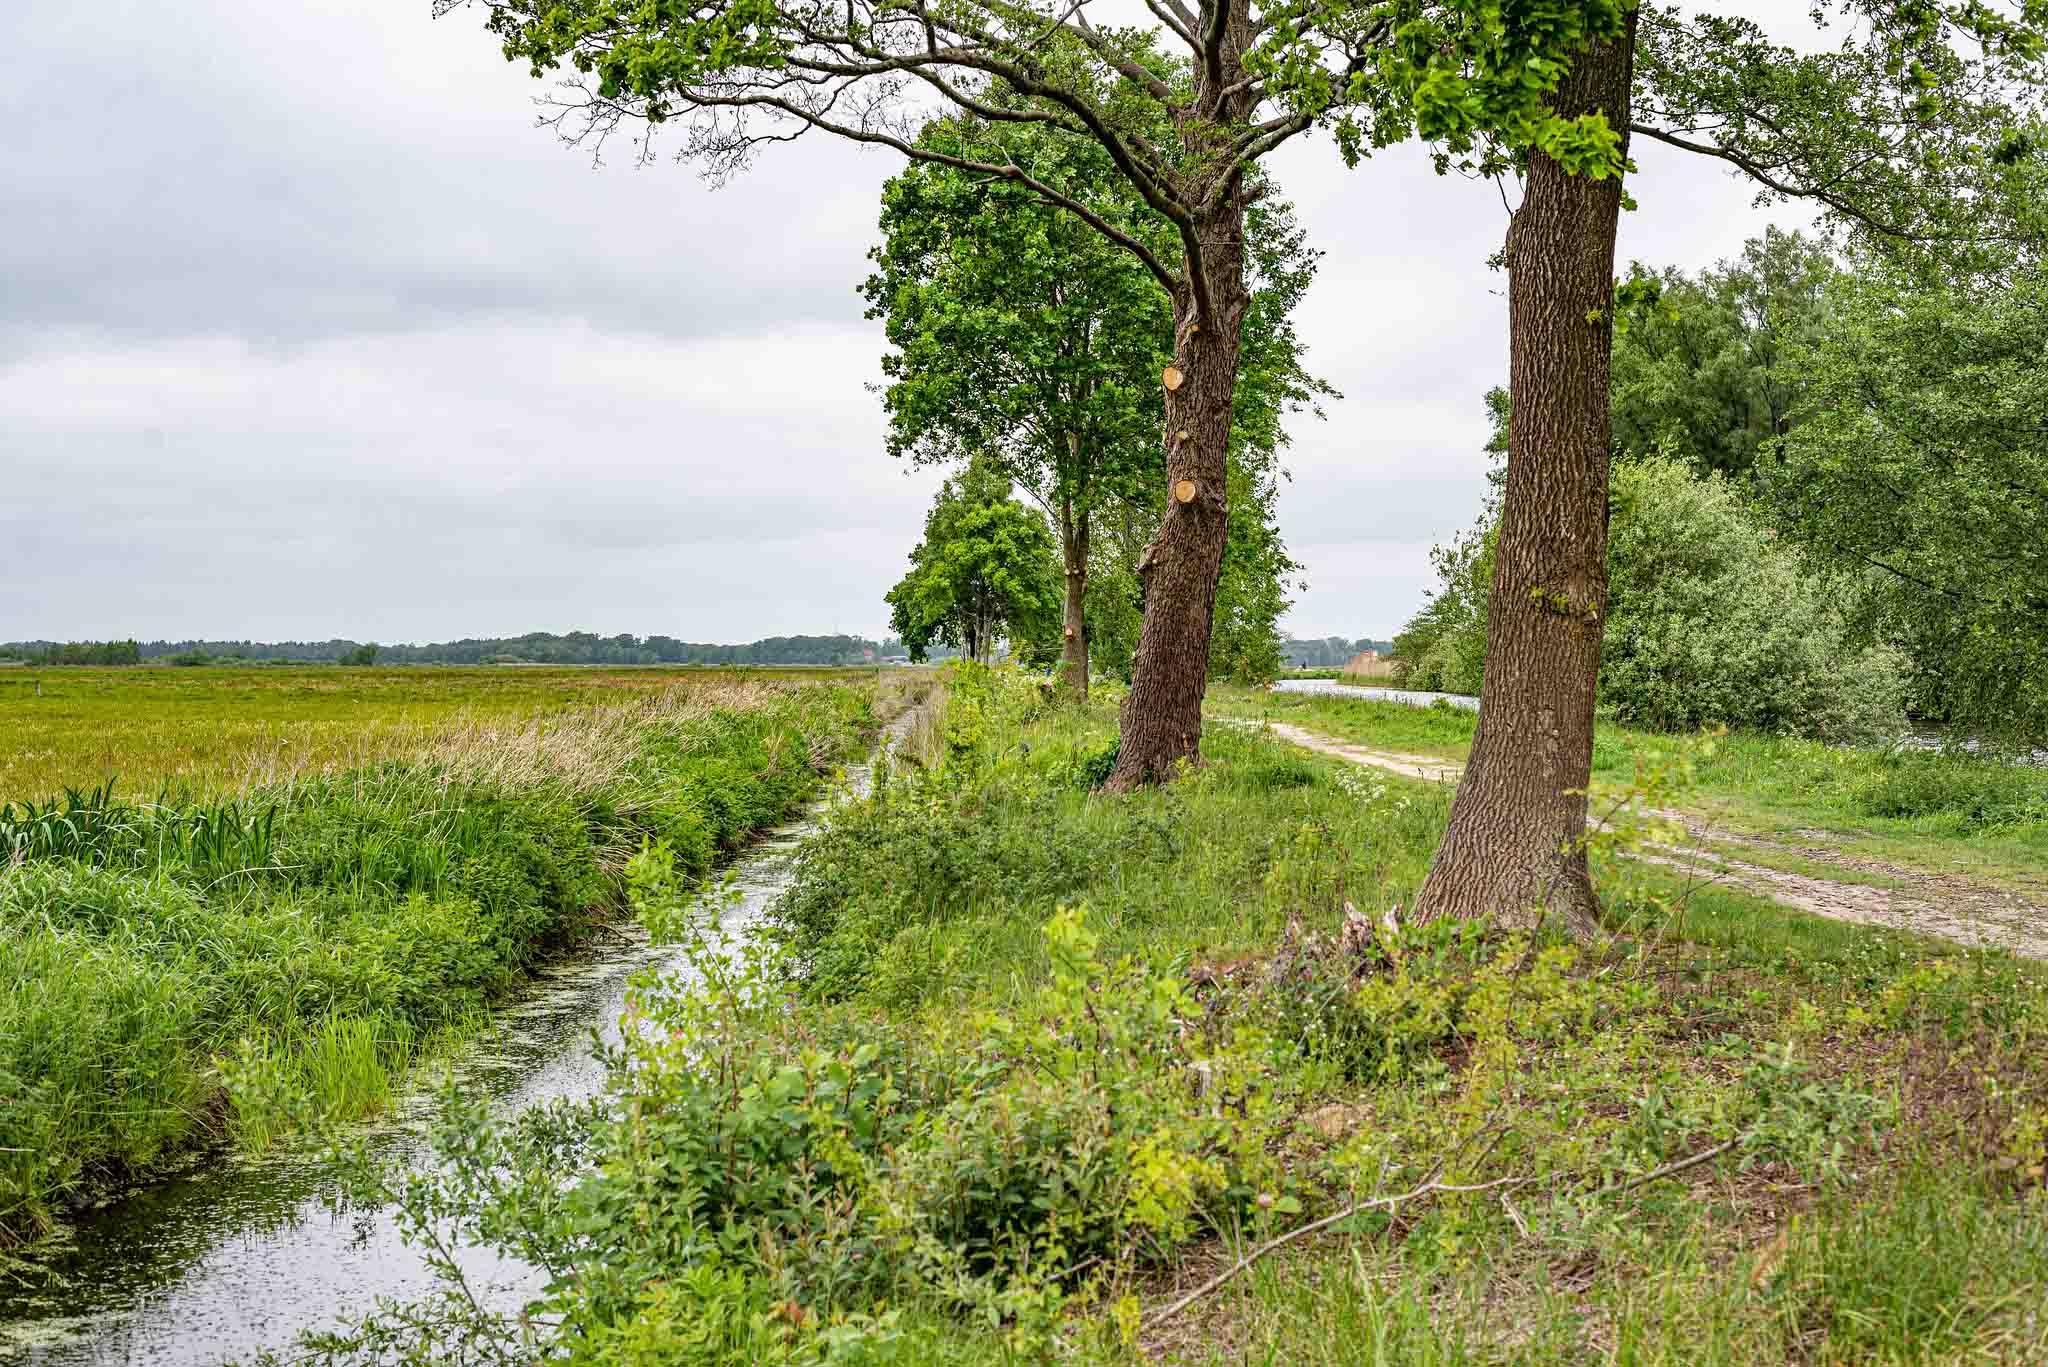 Reiseziele im Norden - Worpswede